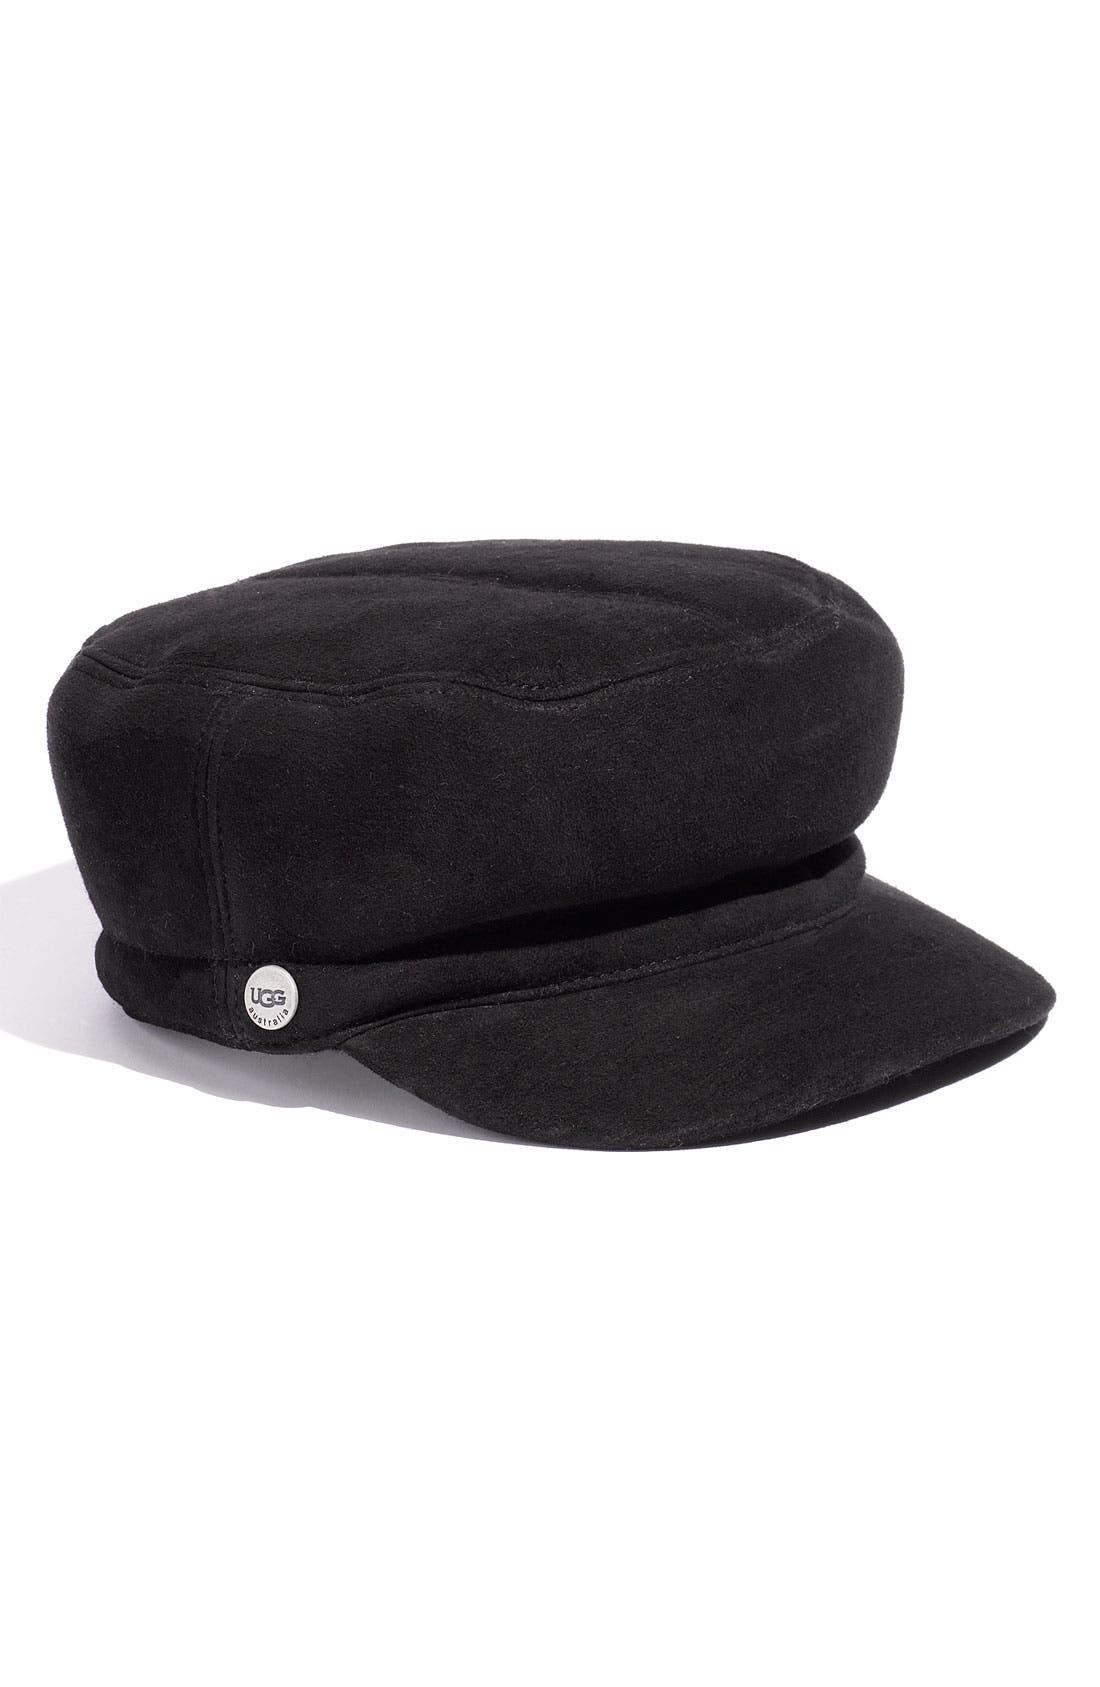 Alternate Image 1 Selected - UGG® Australia 'Classic' Shearling  Cap